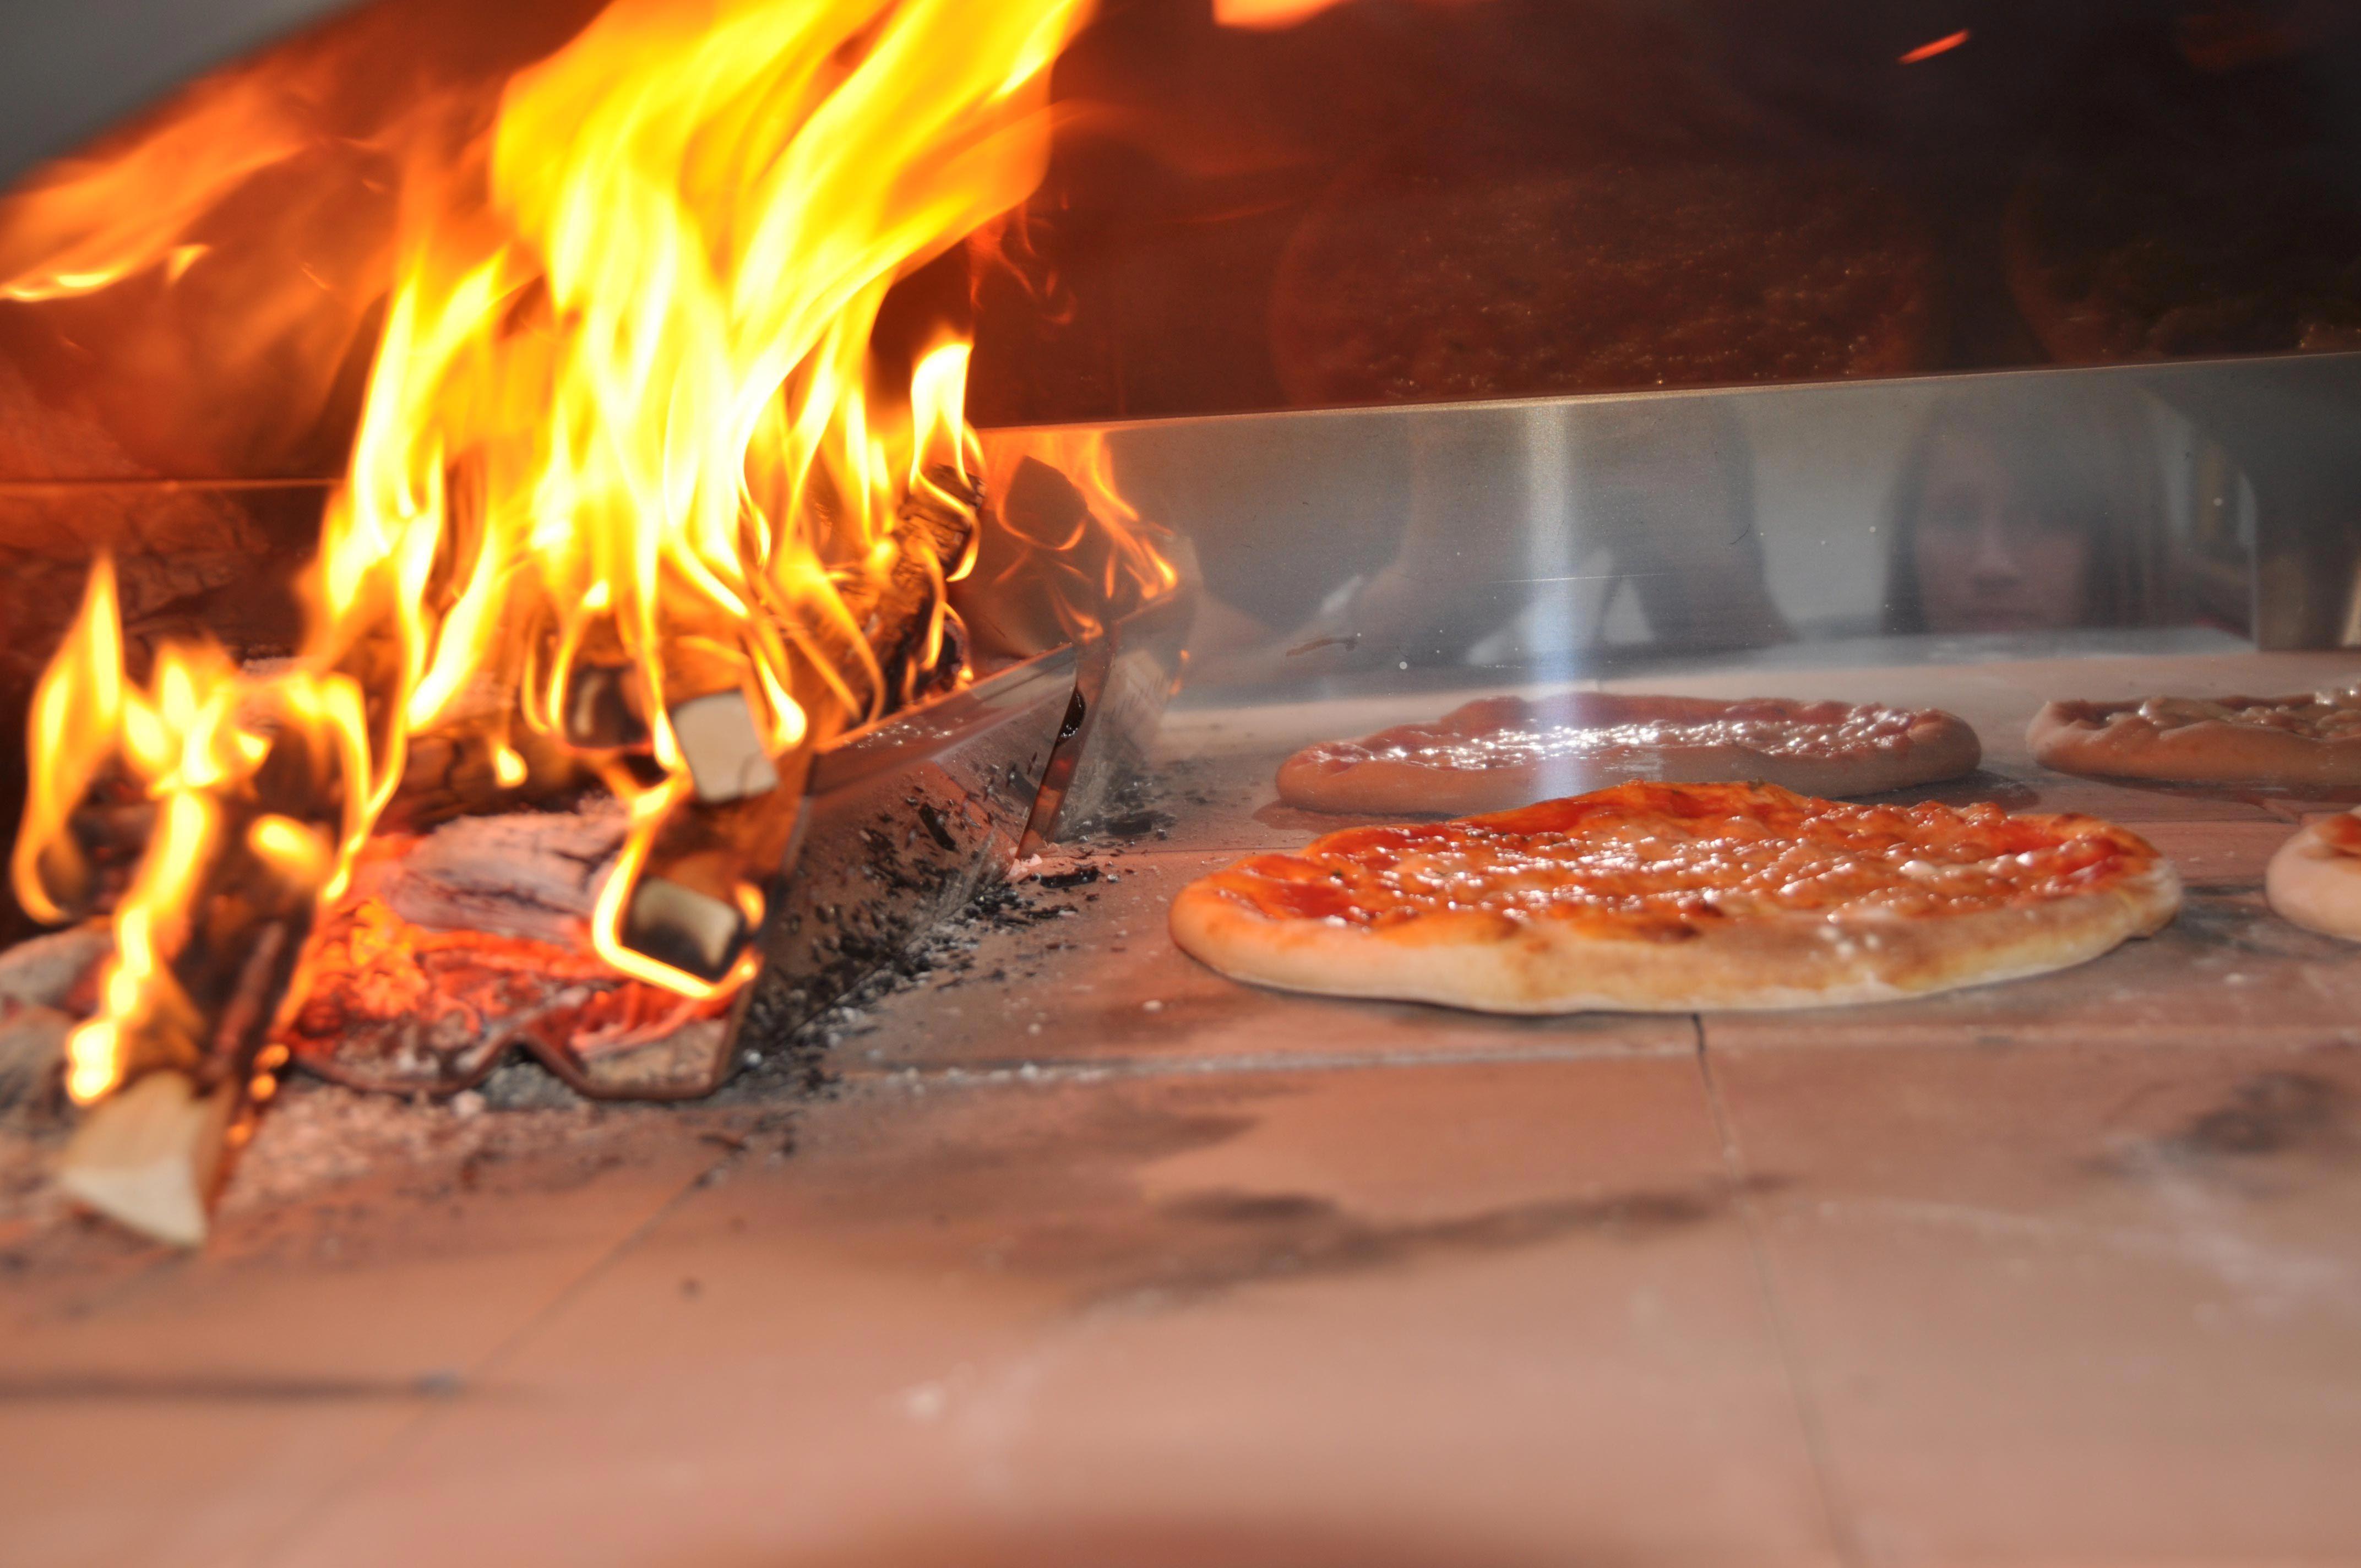 Pizza forno legna le parole chiave per un risultato fantastico ricette di viva la focaccia - Forno per la pizza ...